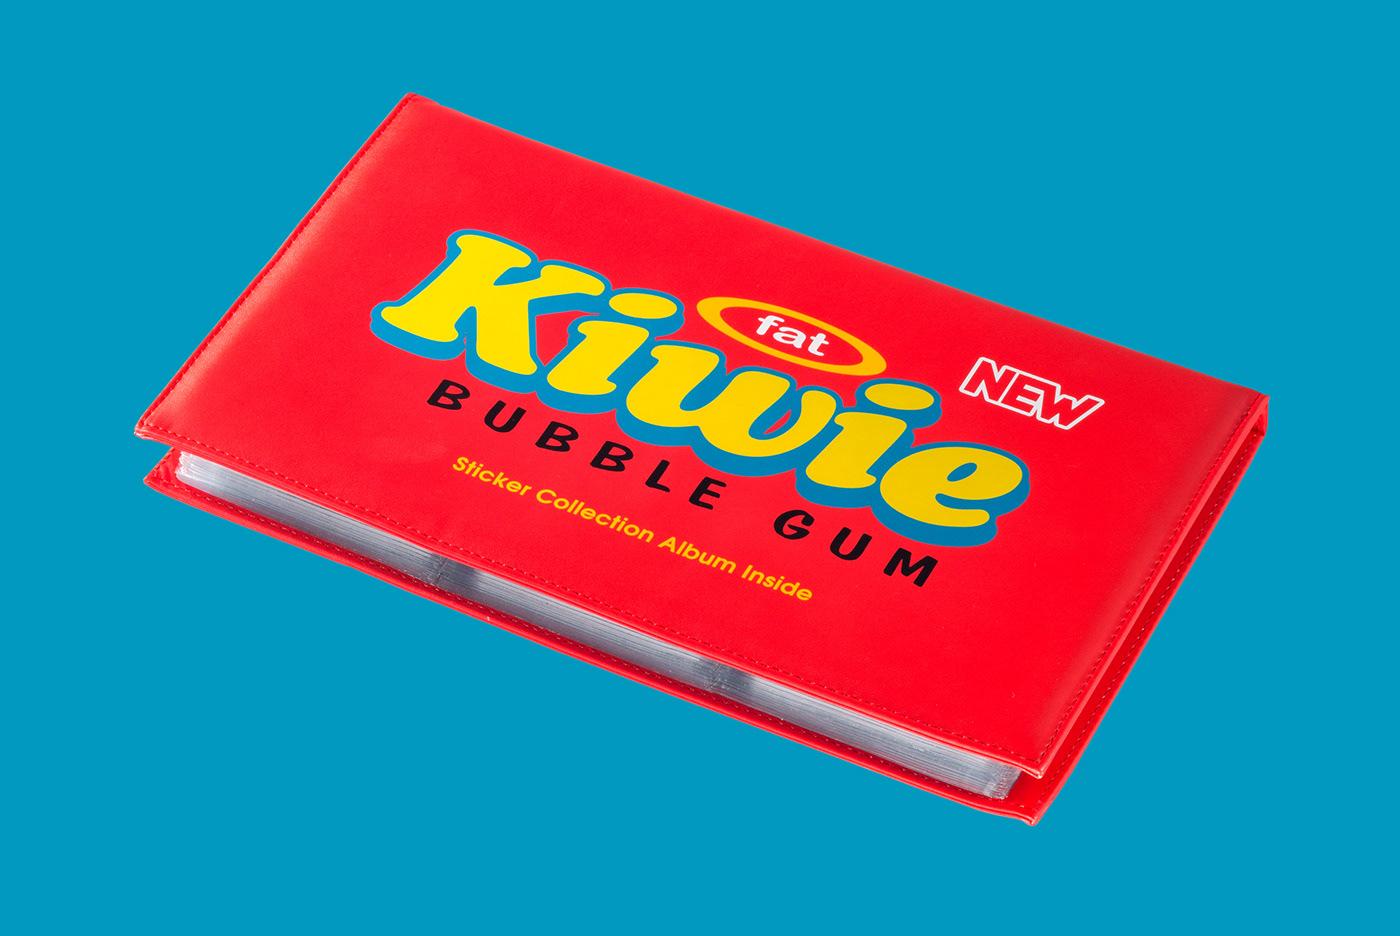 KIWIE bubble gum Street Art  fat monster product design  concept creation Turbo Bubble Gum